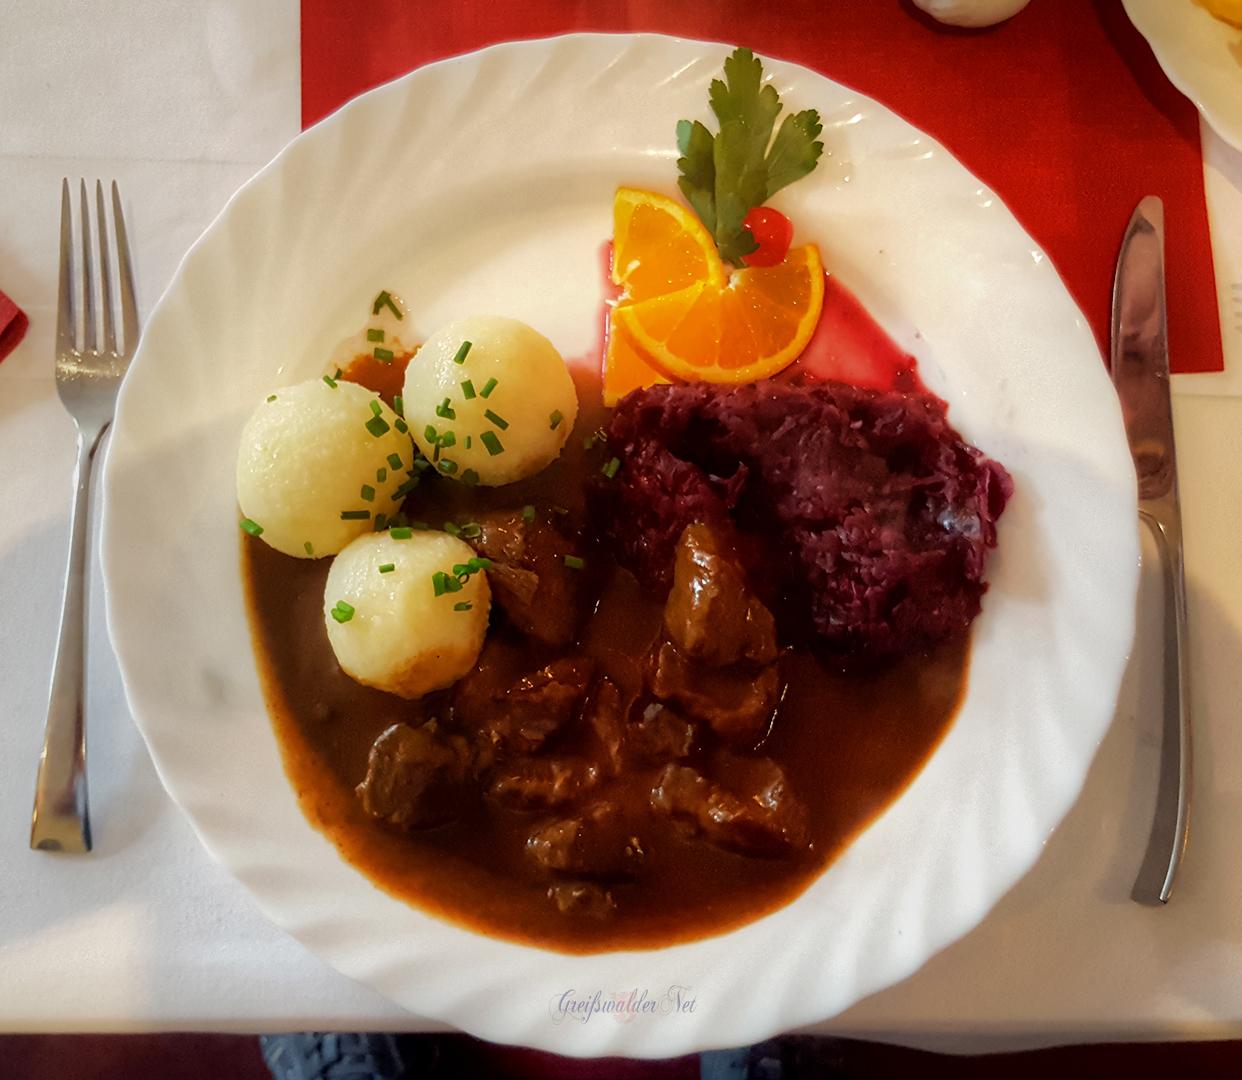 Hirschgulasch mit Rotkohl und Kartoffelklöße